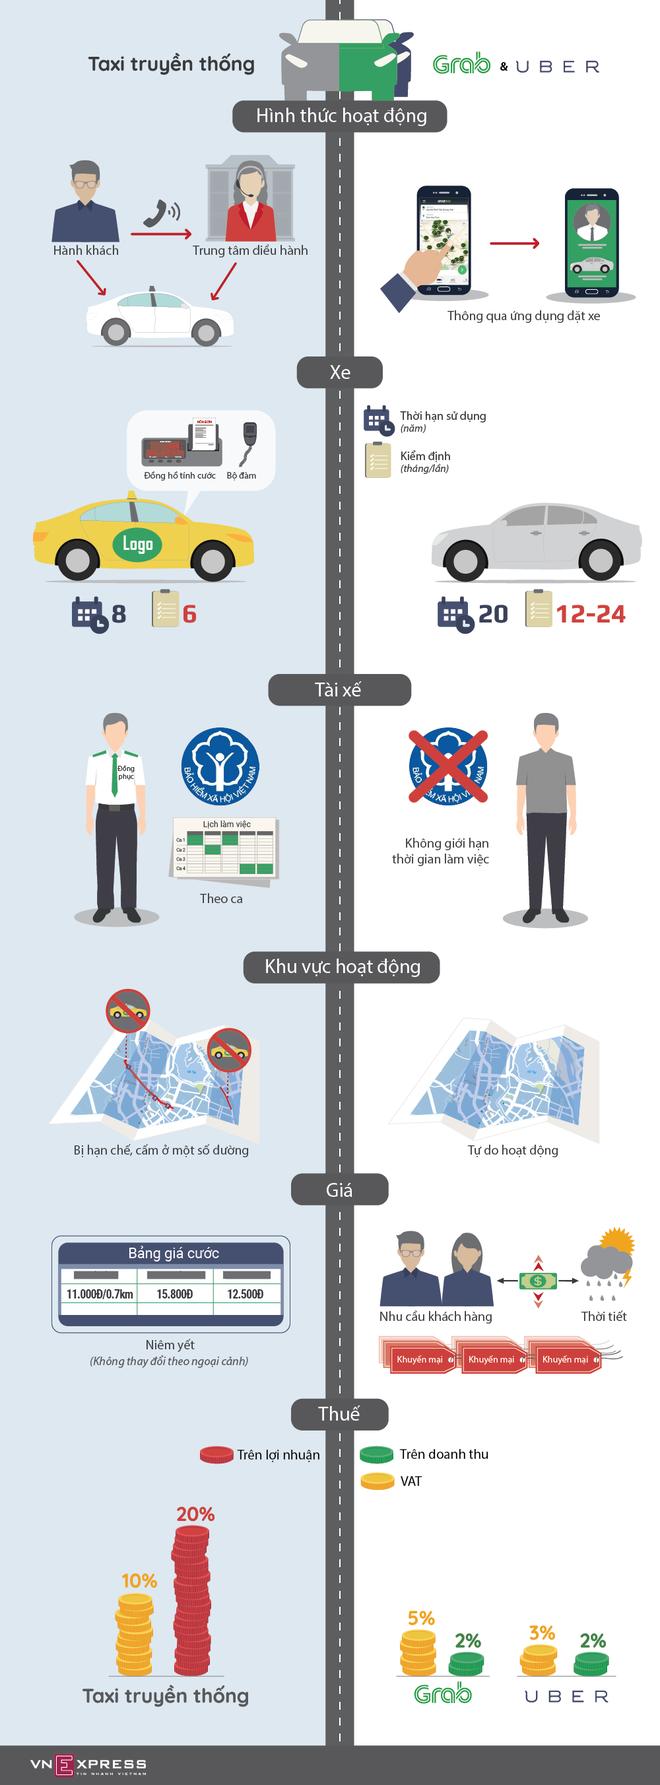 Taxi truyền thống lép vế thế nào so với Uber, Grab ảnh 1